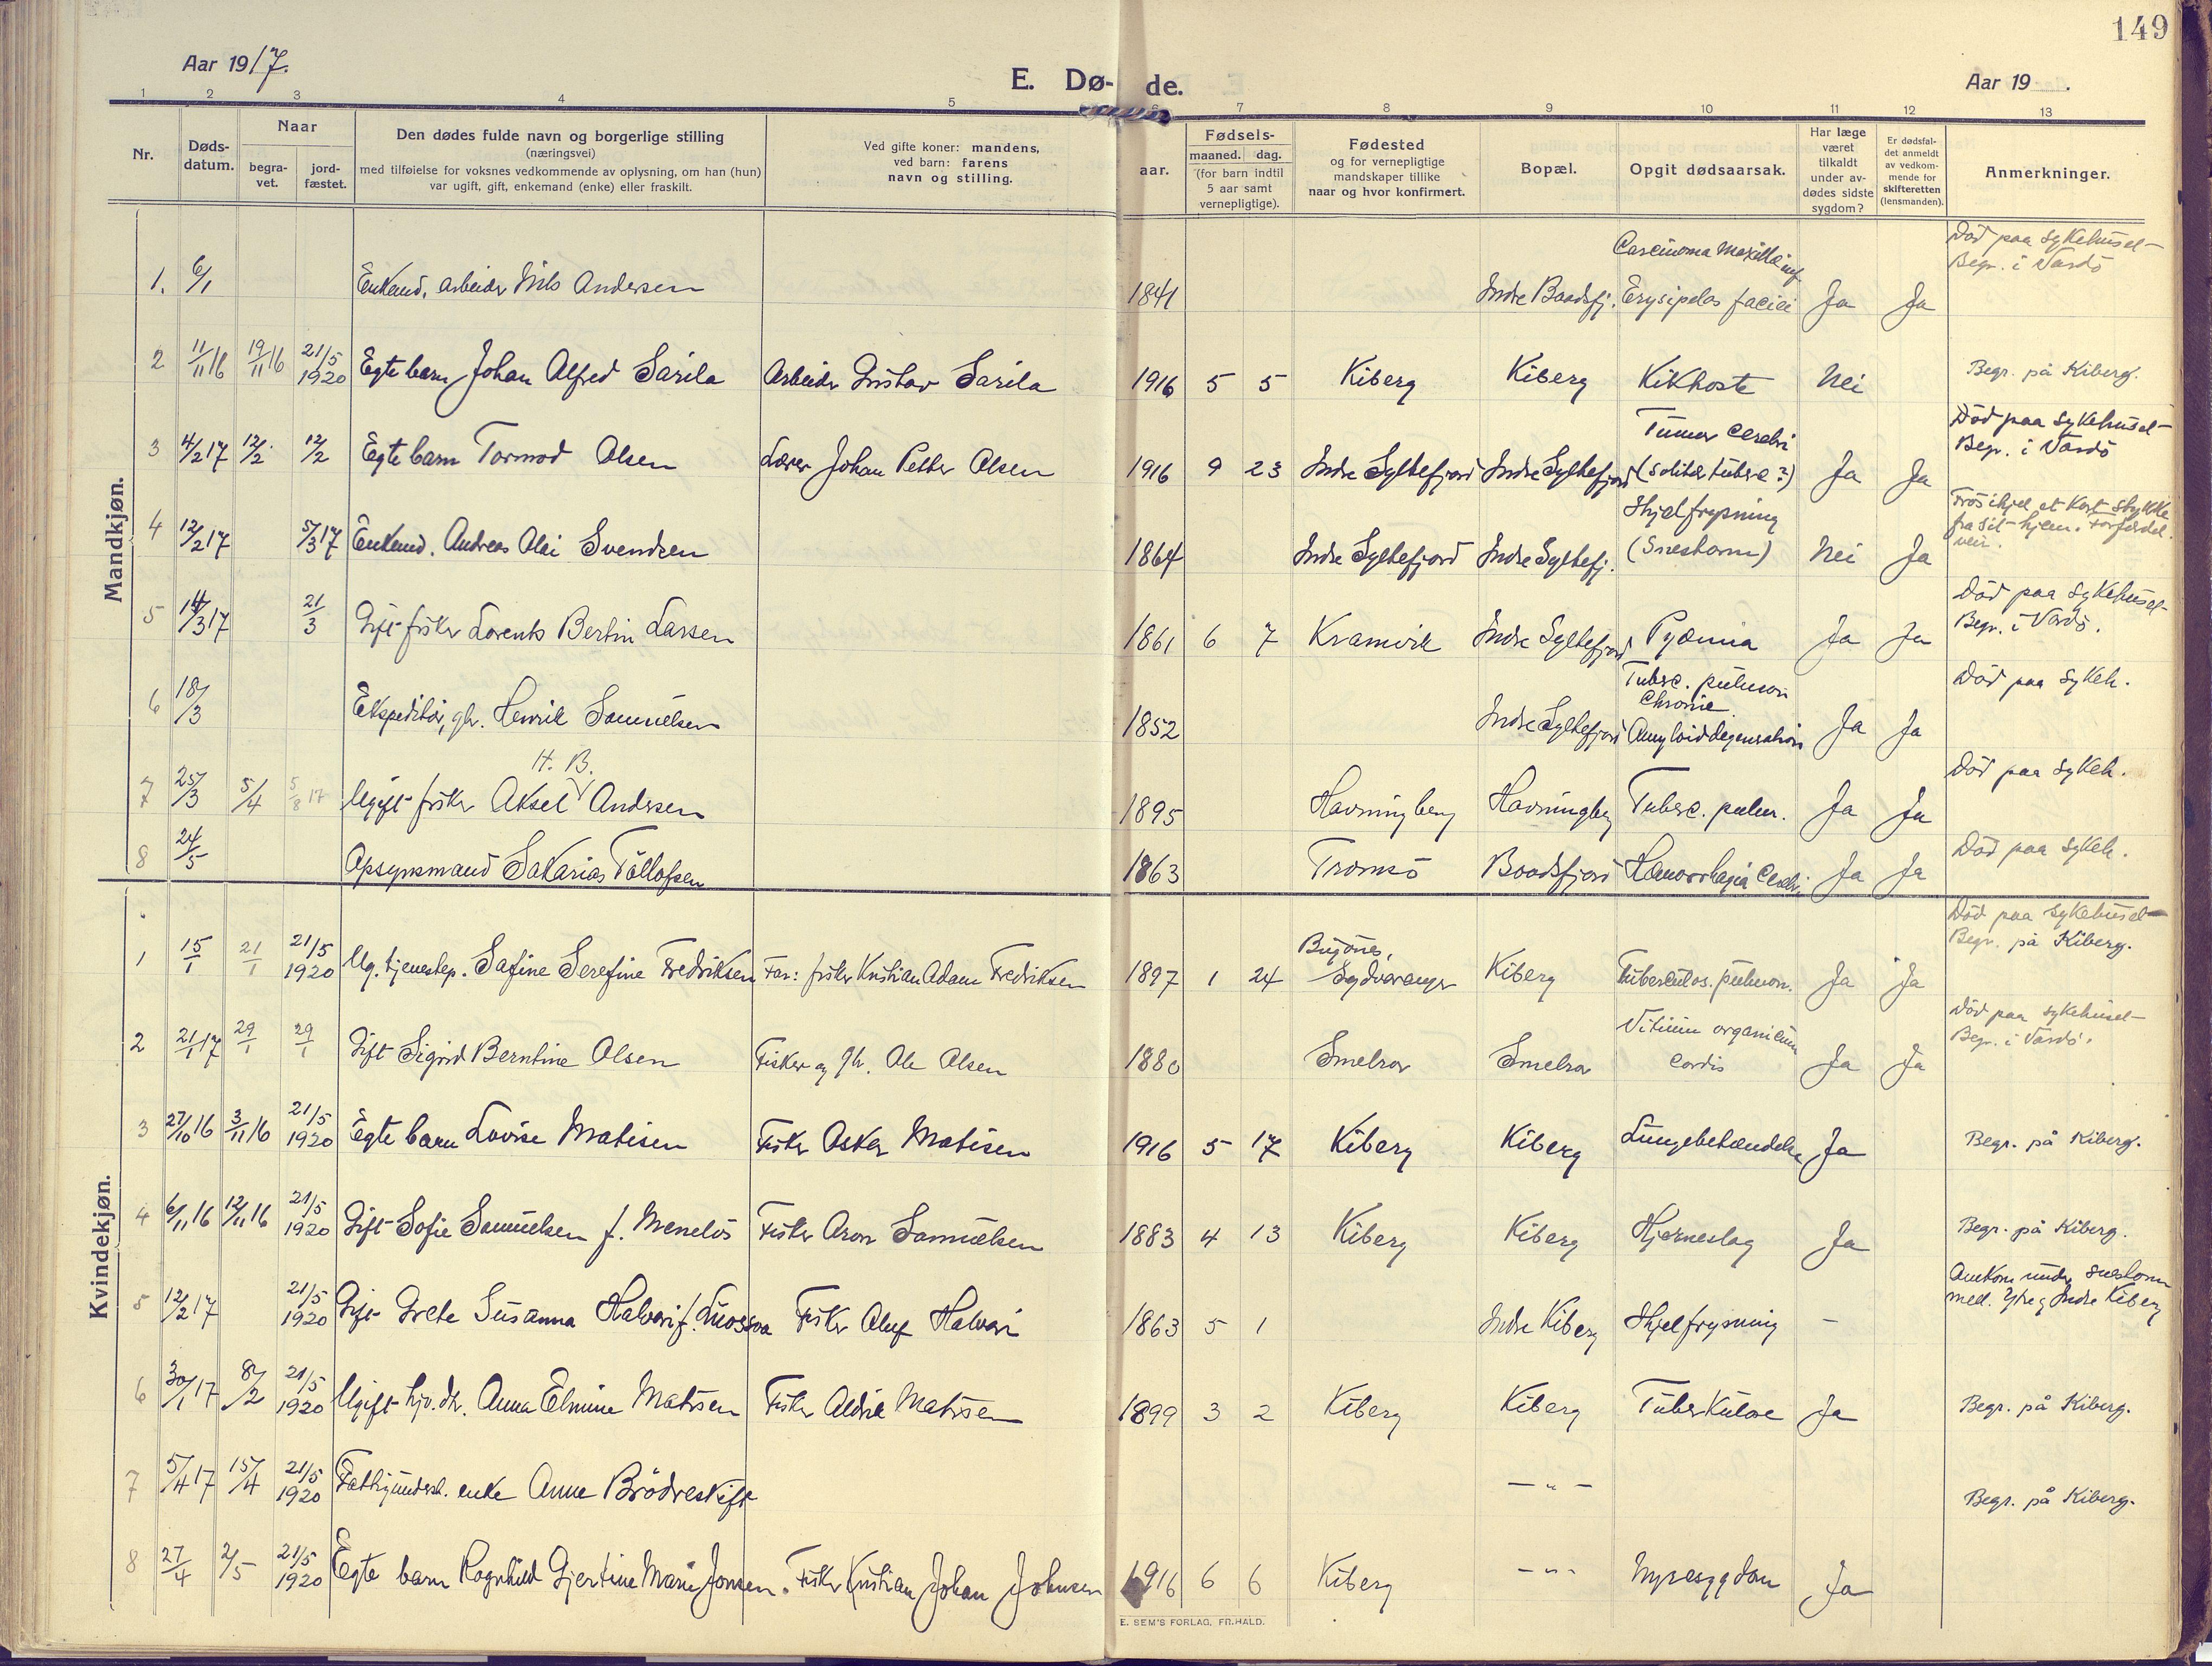 SATØ, Vardø sokneprestkontor, H/Ha/L0013kirke: Ministerialbok nr. 13, 1912-1928, s. 149